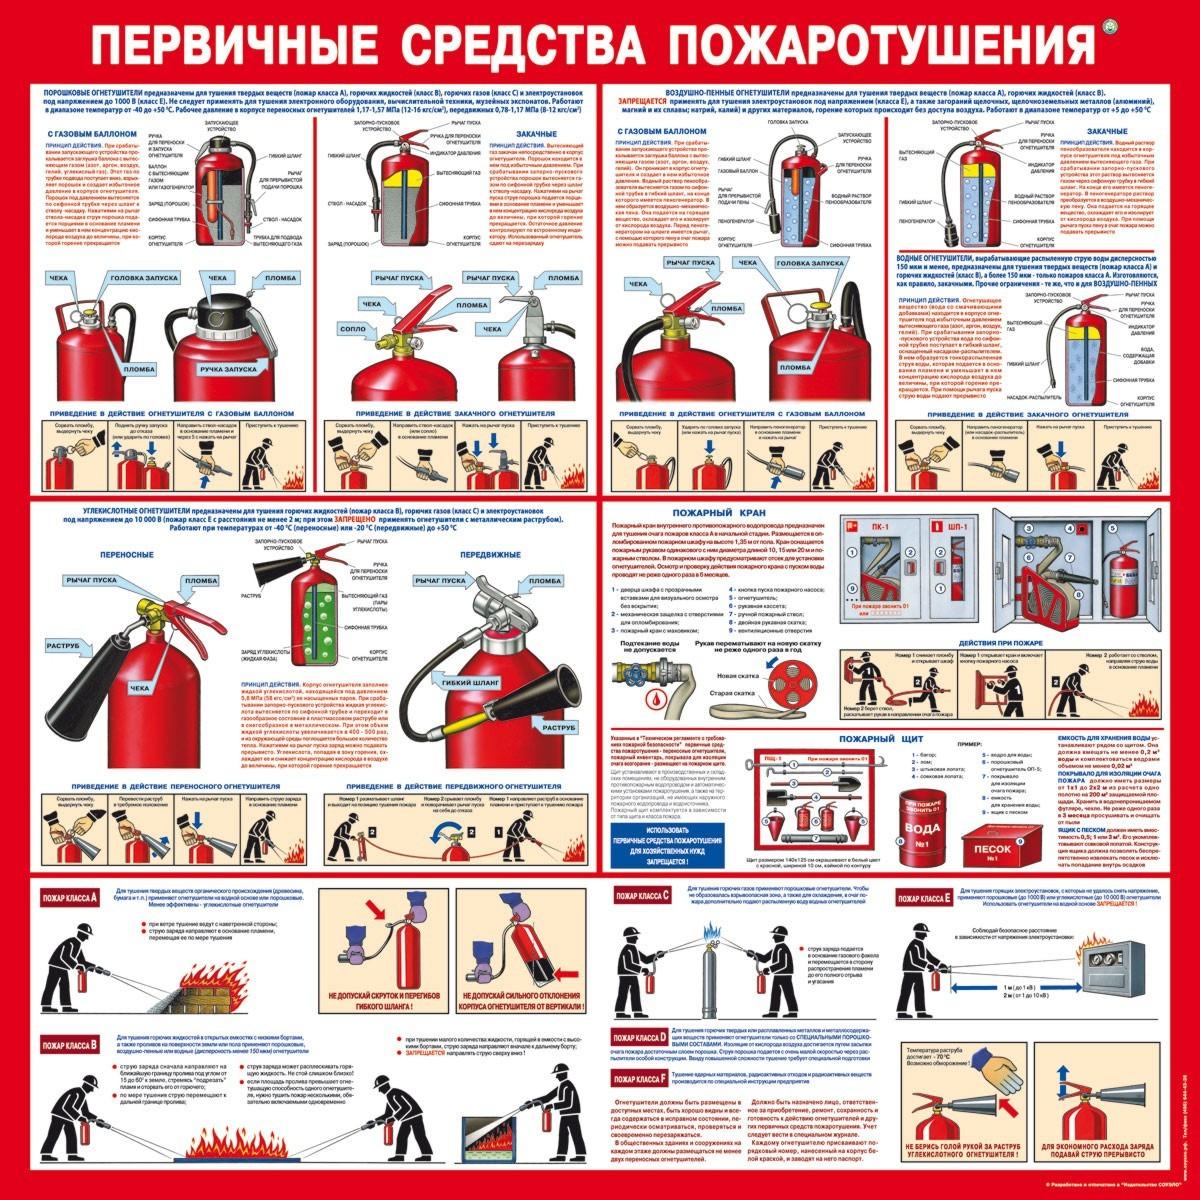 Первичные средства пожаротушения  1000х1000 мм или 1500х1500 мм